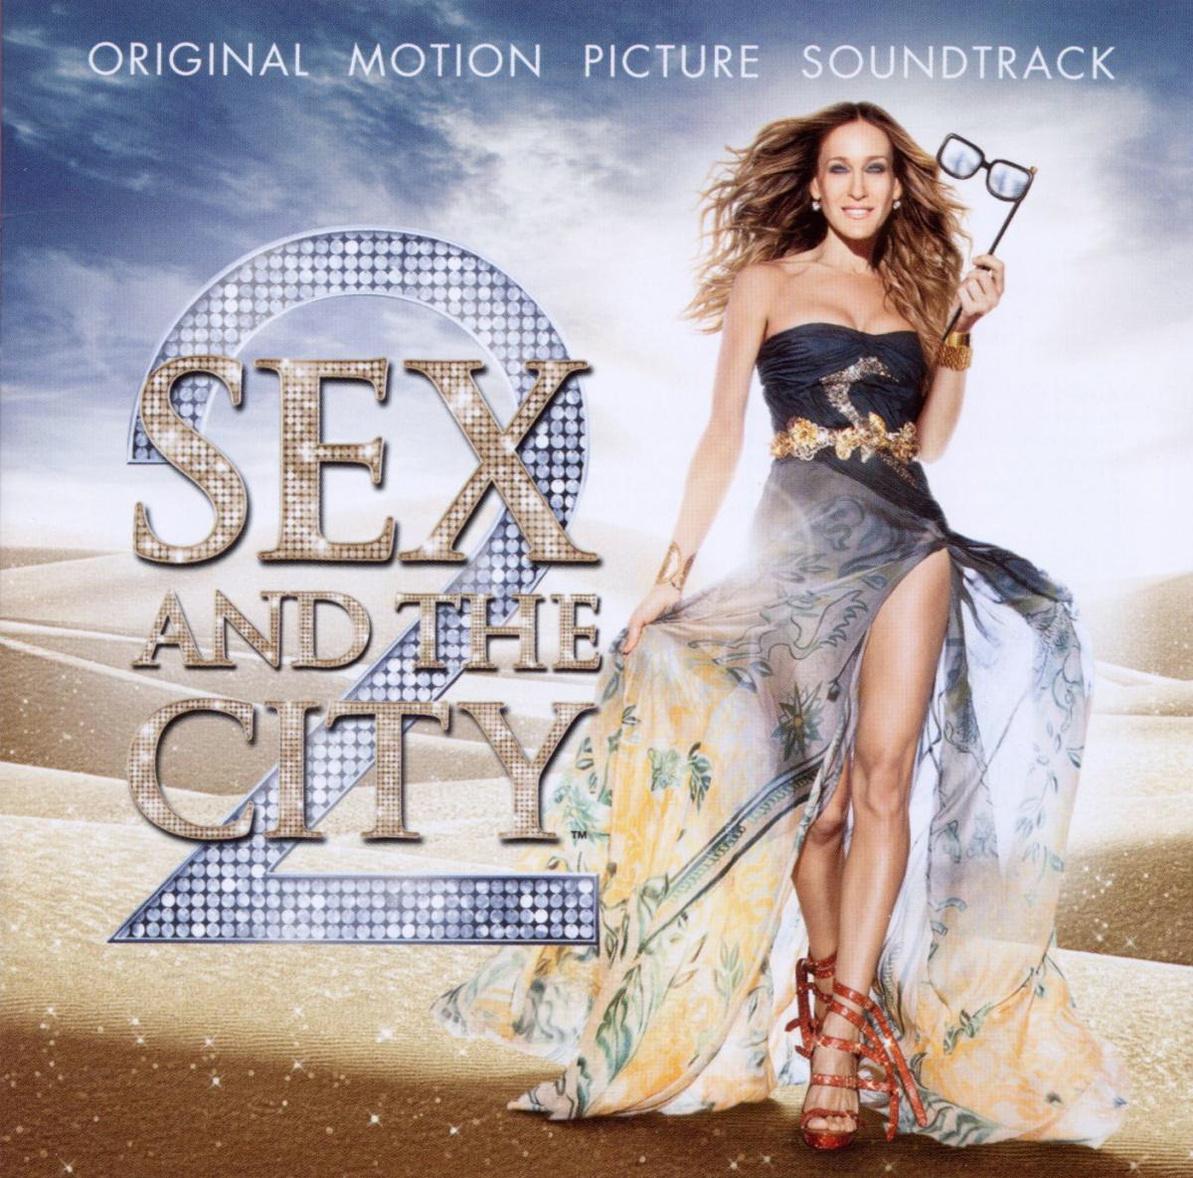 Скачать Саундтреки Секс в большом городе 2 / OST Sex and the City 2.